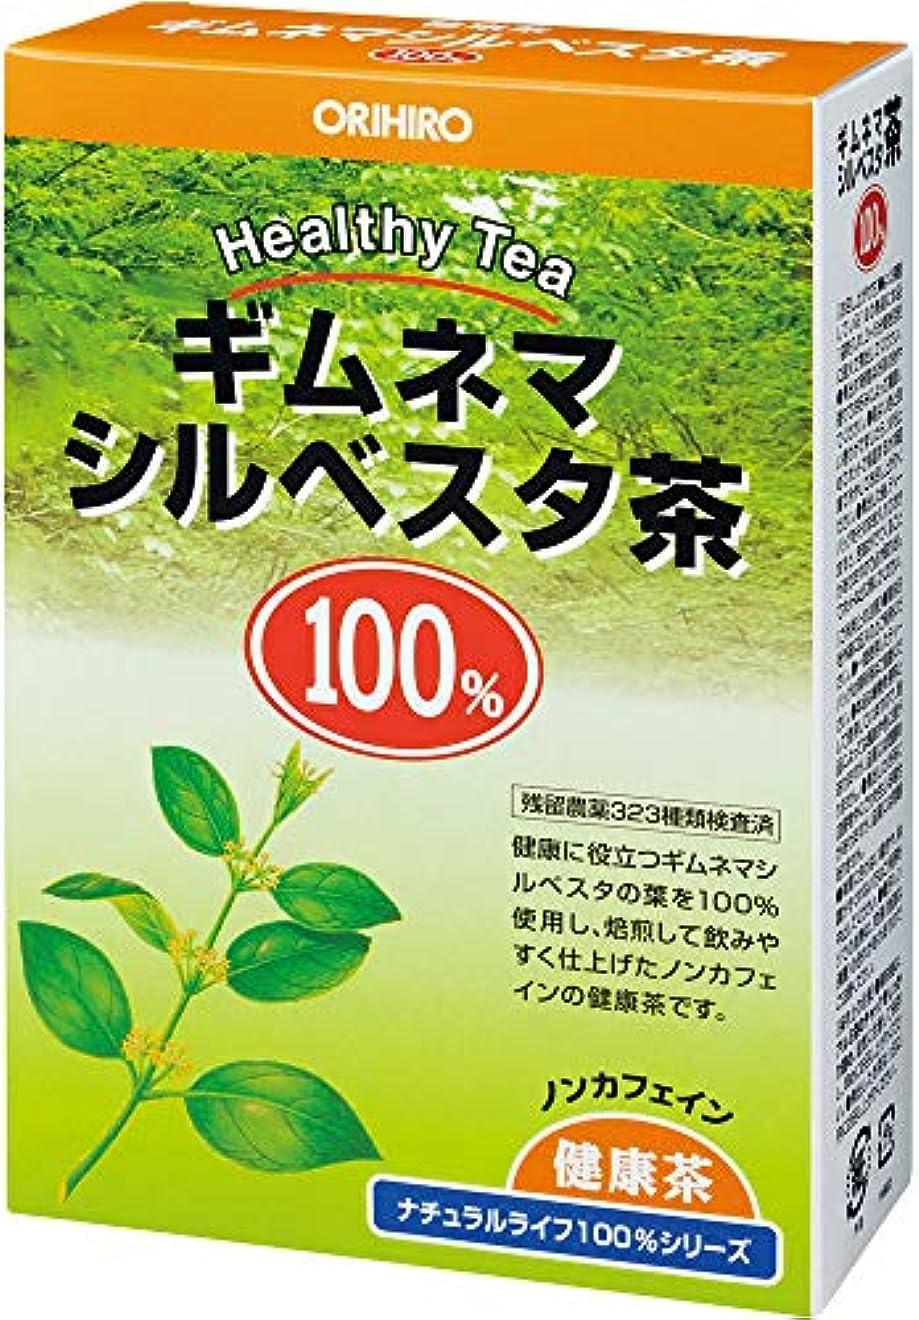 スピーカー舌基準オリヒロ NLティー 100% ギムネマシルベスタ茶 2.5g×26包